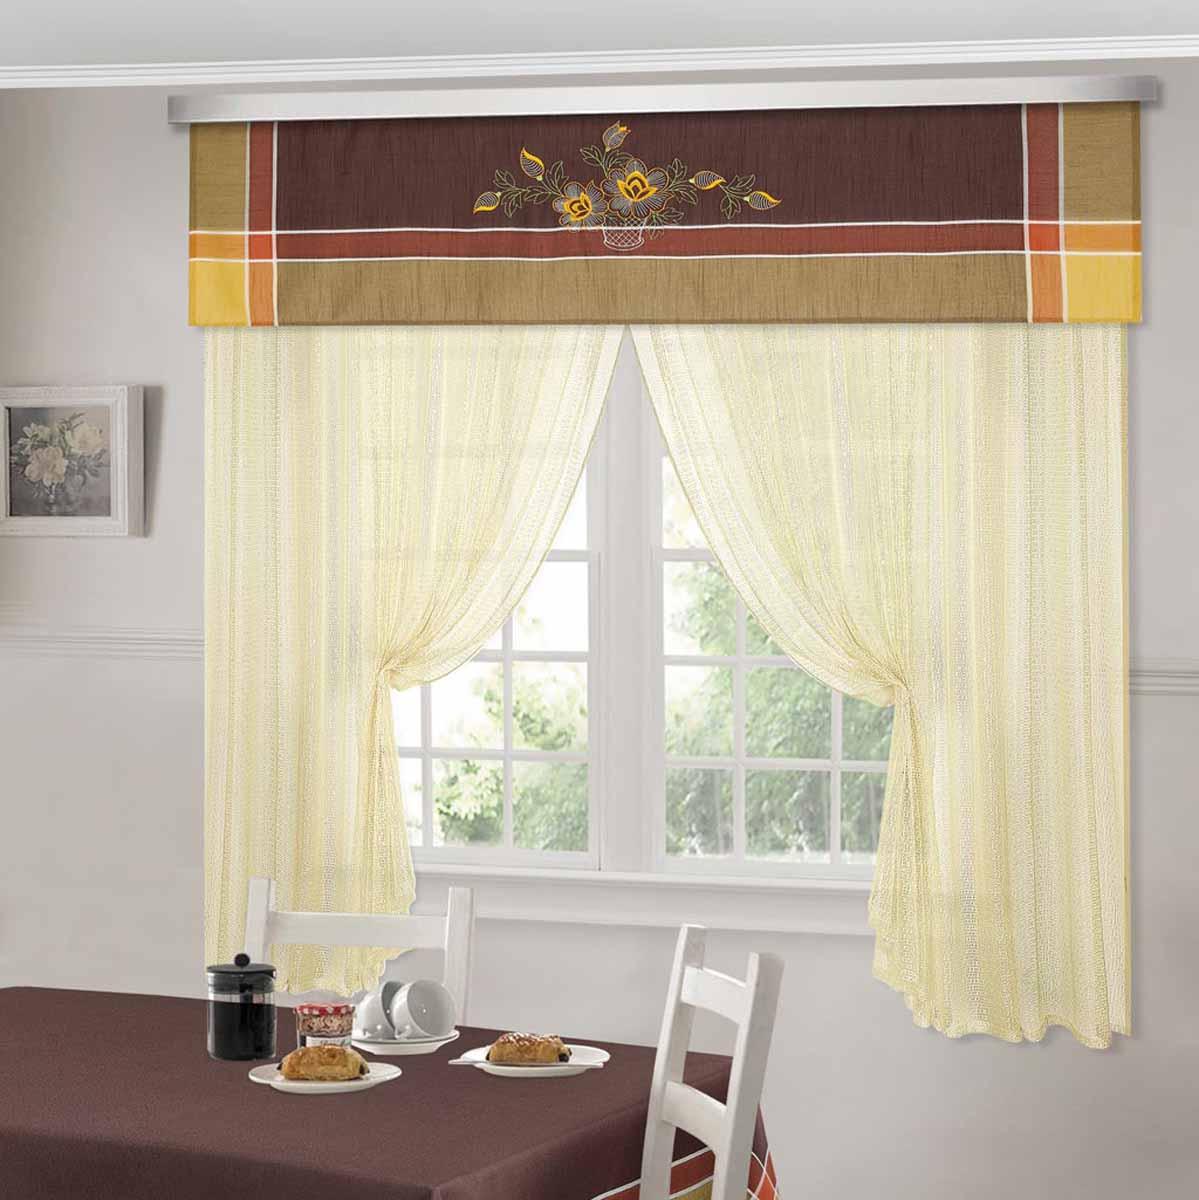 Комплект штор ТД Текстиль Шик, на ленте, цвет: венге, высота 180 см. 9252792527Шторы выполнены из искусственной ткани под лен. Цвета в ассортименте. В наличии присутствуют скатерти из этой же ткани в двух размерах.